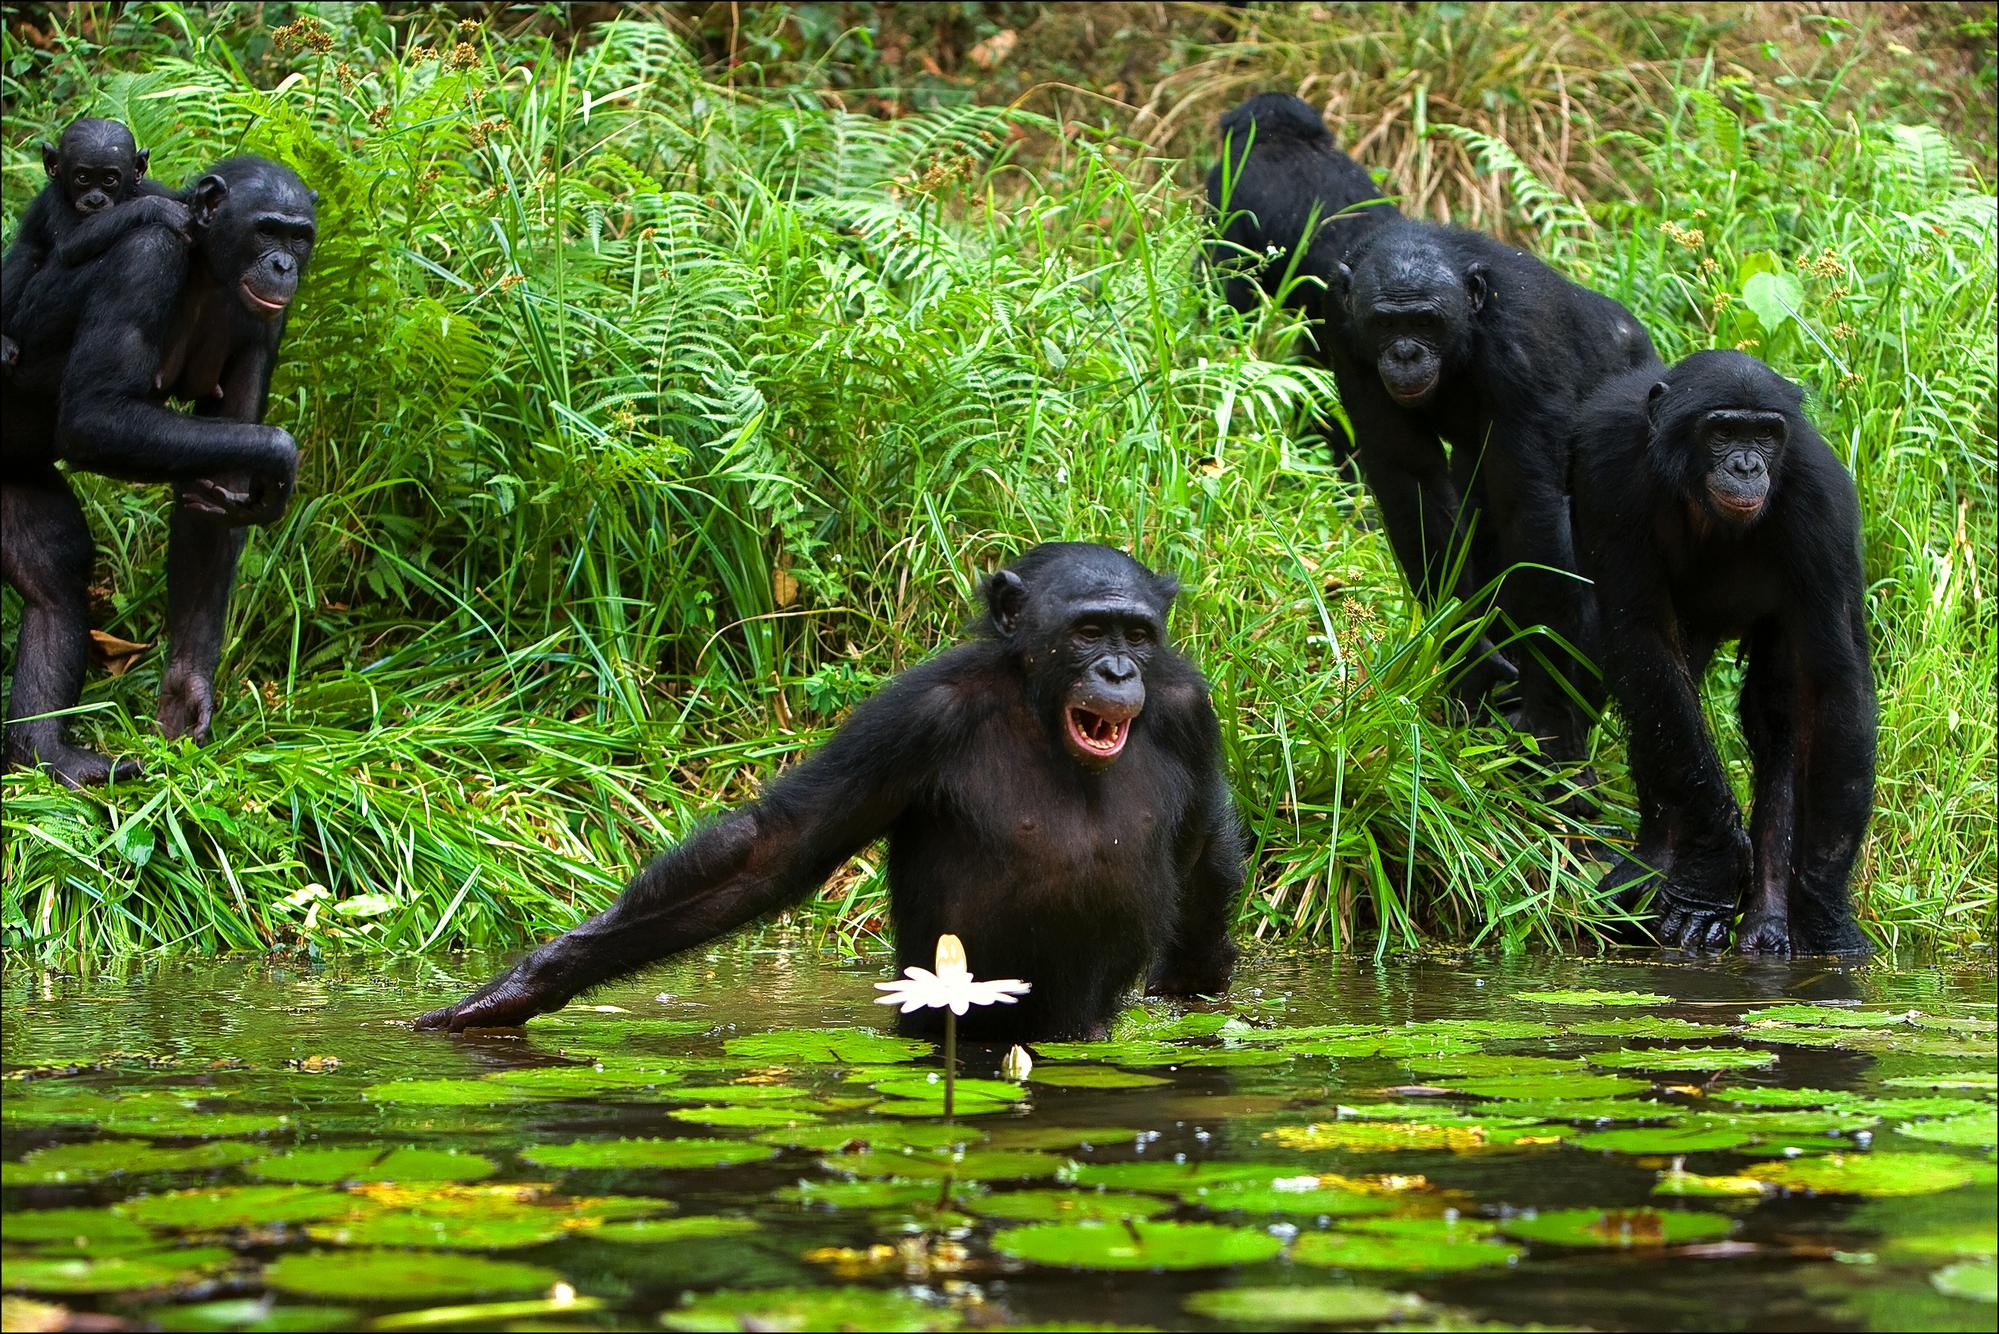 Разделение видов бонобо ишимпанзе произошло относительно недавно— 1,5—2,5млн лет назад. Образовавшееся тогда русло реки Конго создало барьер между группами обезьян, оказавшимися наразных берегах, ис тех пор они эволюционировали независимо. Тем неменее, в2016 году генетики обнаружили вгеномах шимпанзе следы скрещивания сбонобо, происходившего несколько сотен тысяч лет назад. По-видимому, хотя шимпанзе боятся воды, река неявлялась для них непреодолимым препятствием.